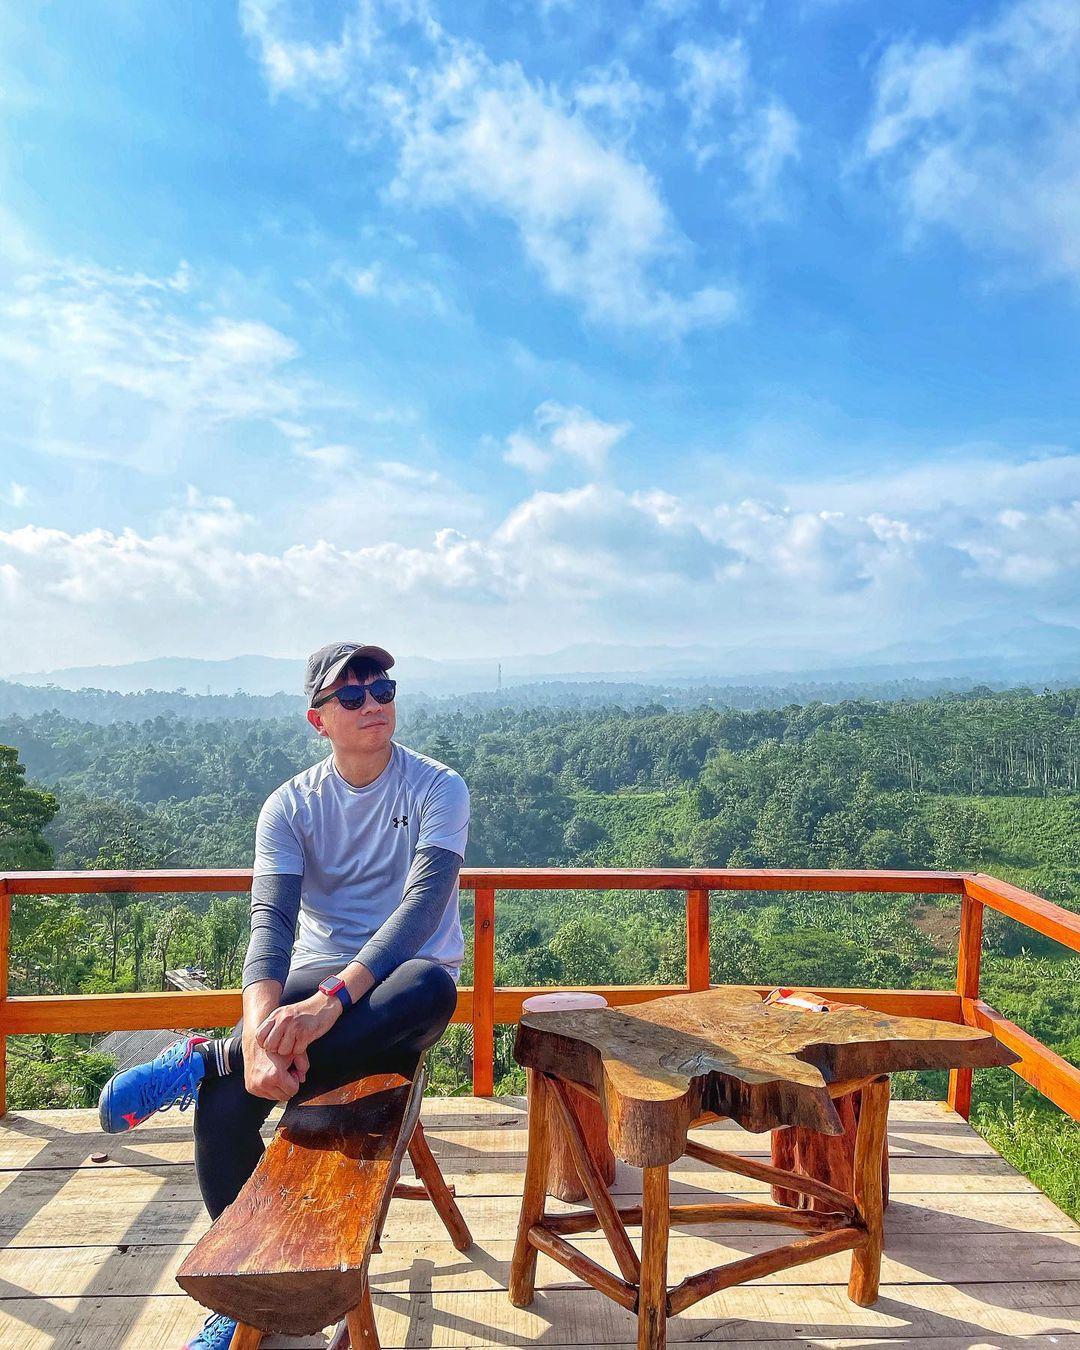 Wisata Kampung Vietnam Kemiling Bandar Lampung